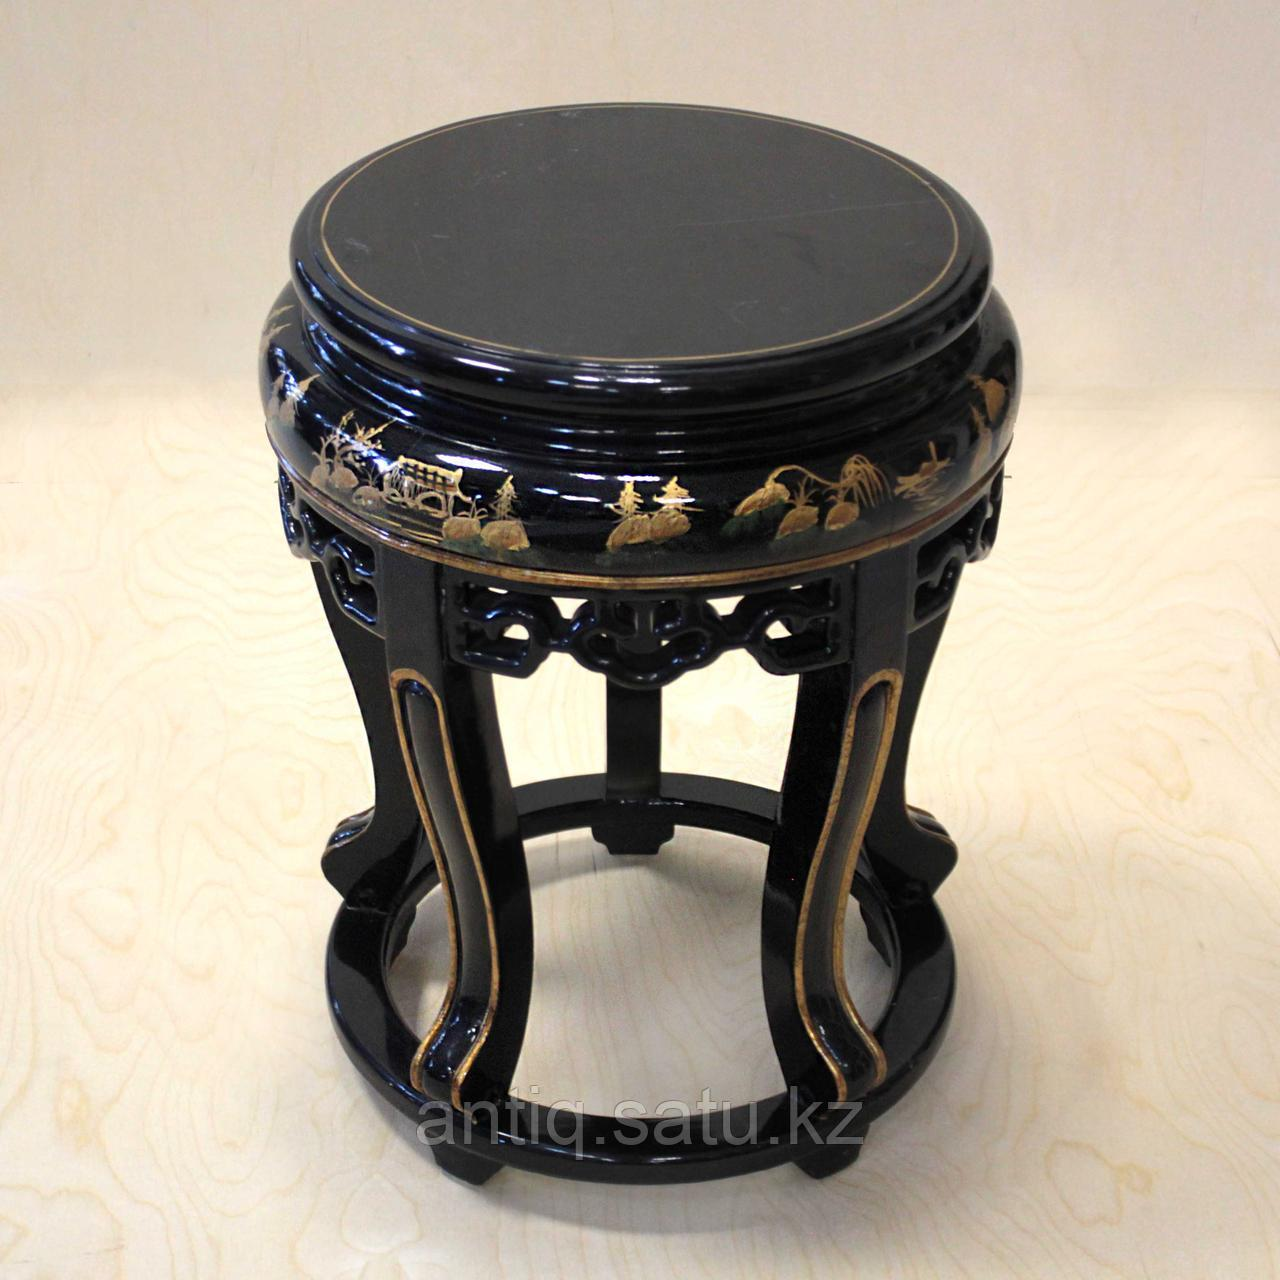 Журнальный столик с черным лаком. Китай (Шинуазри) - фото 2